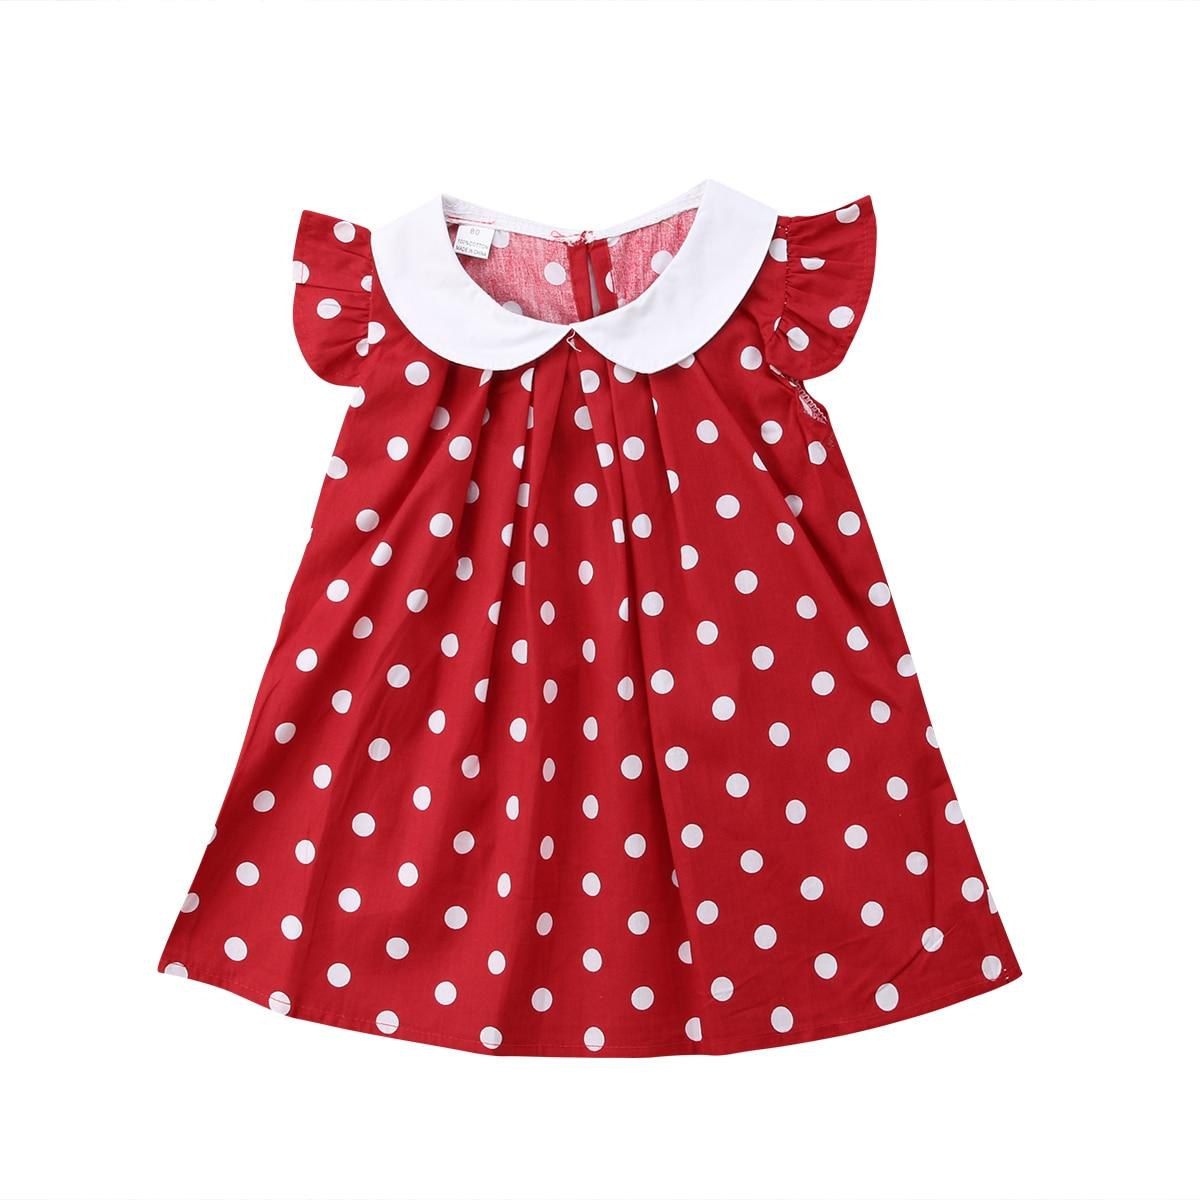 Princesa do bebê meninas dot vestido vermelho peter pan colarinho recém-nascido do bebê meninas patry vestido de aniversário 2019 novo